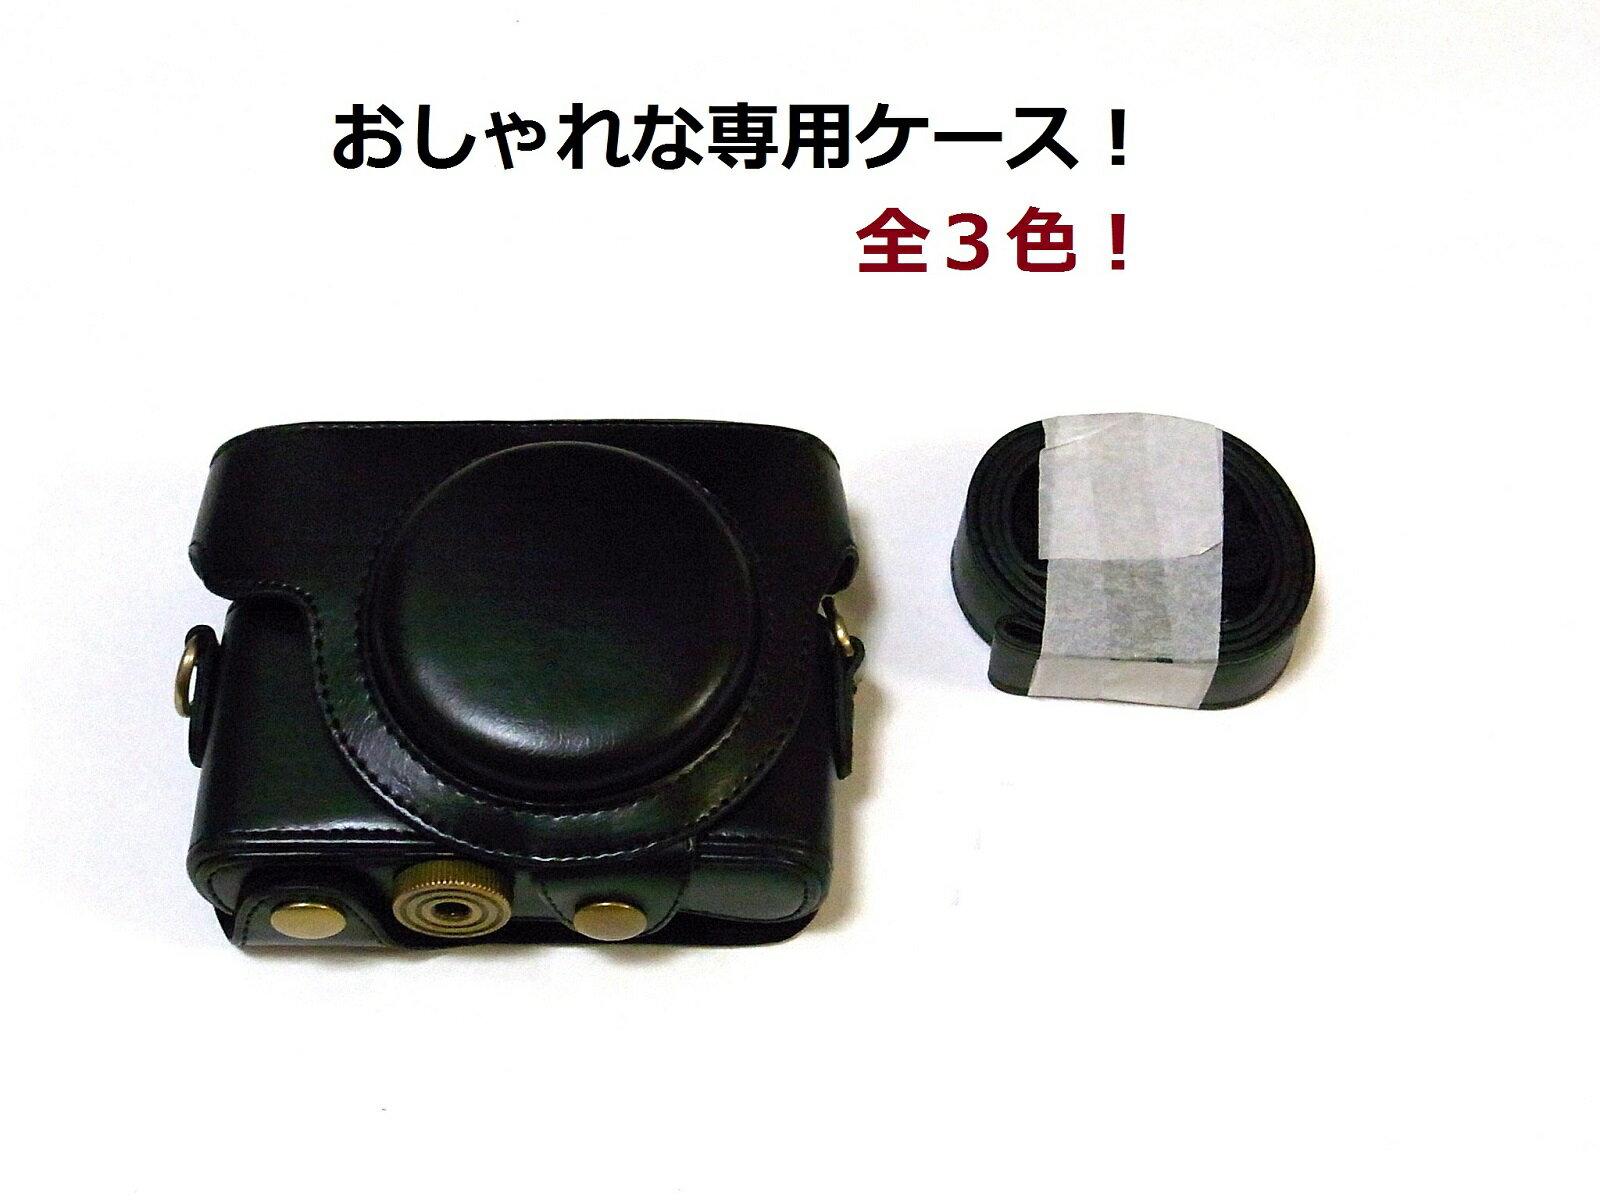 ソニー SONY Cyber-shot DSC-RX100M2 対応 高級合皮レザー ハーフ カメラケース【セパレート式でハーフケースにもなる!】SONY RX100M2 用 カメラケース c00092